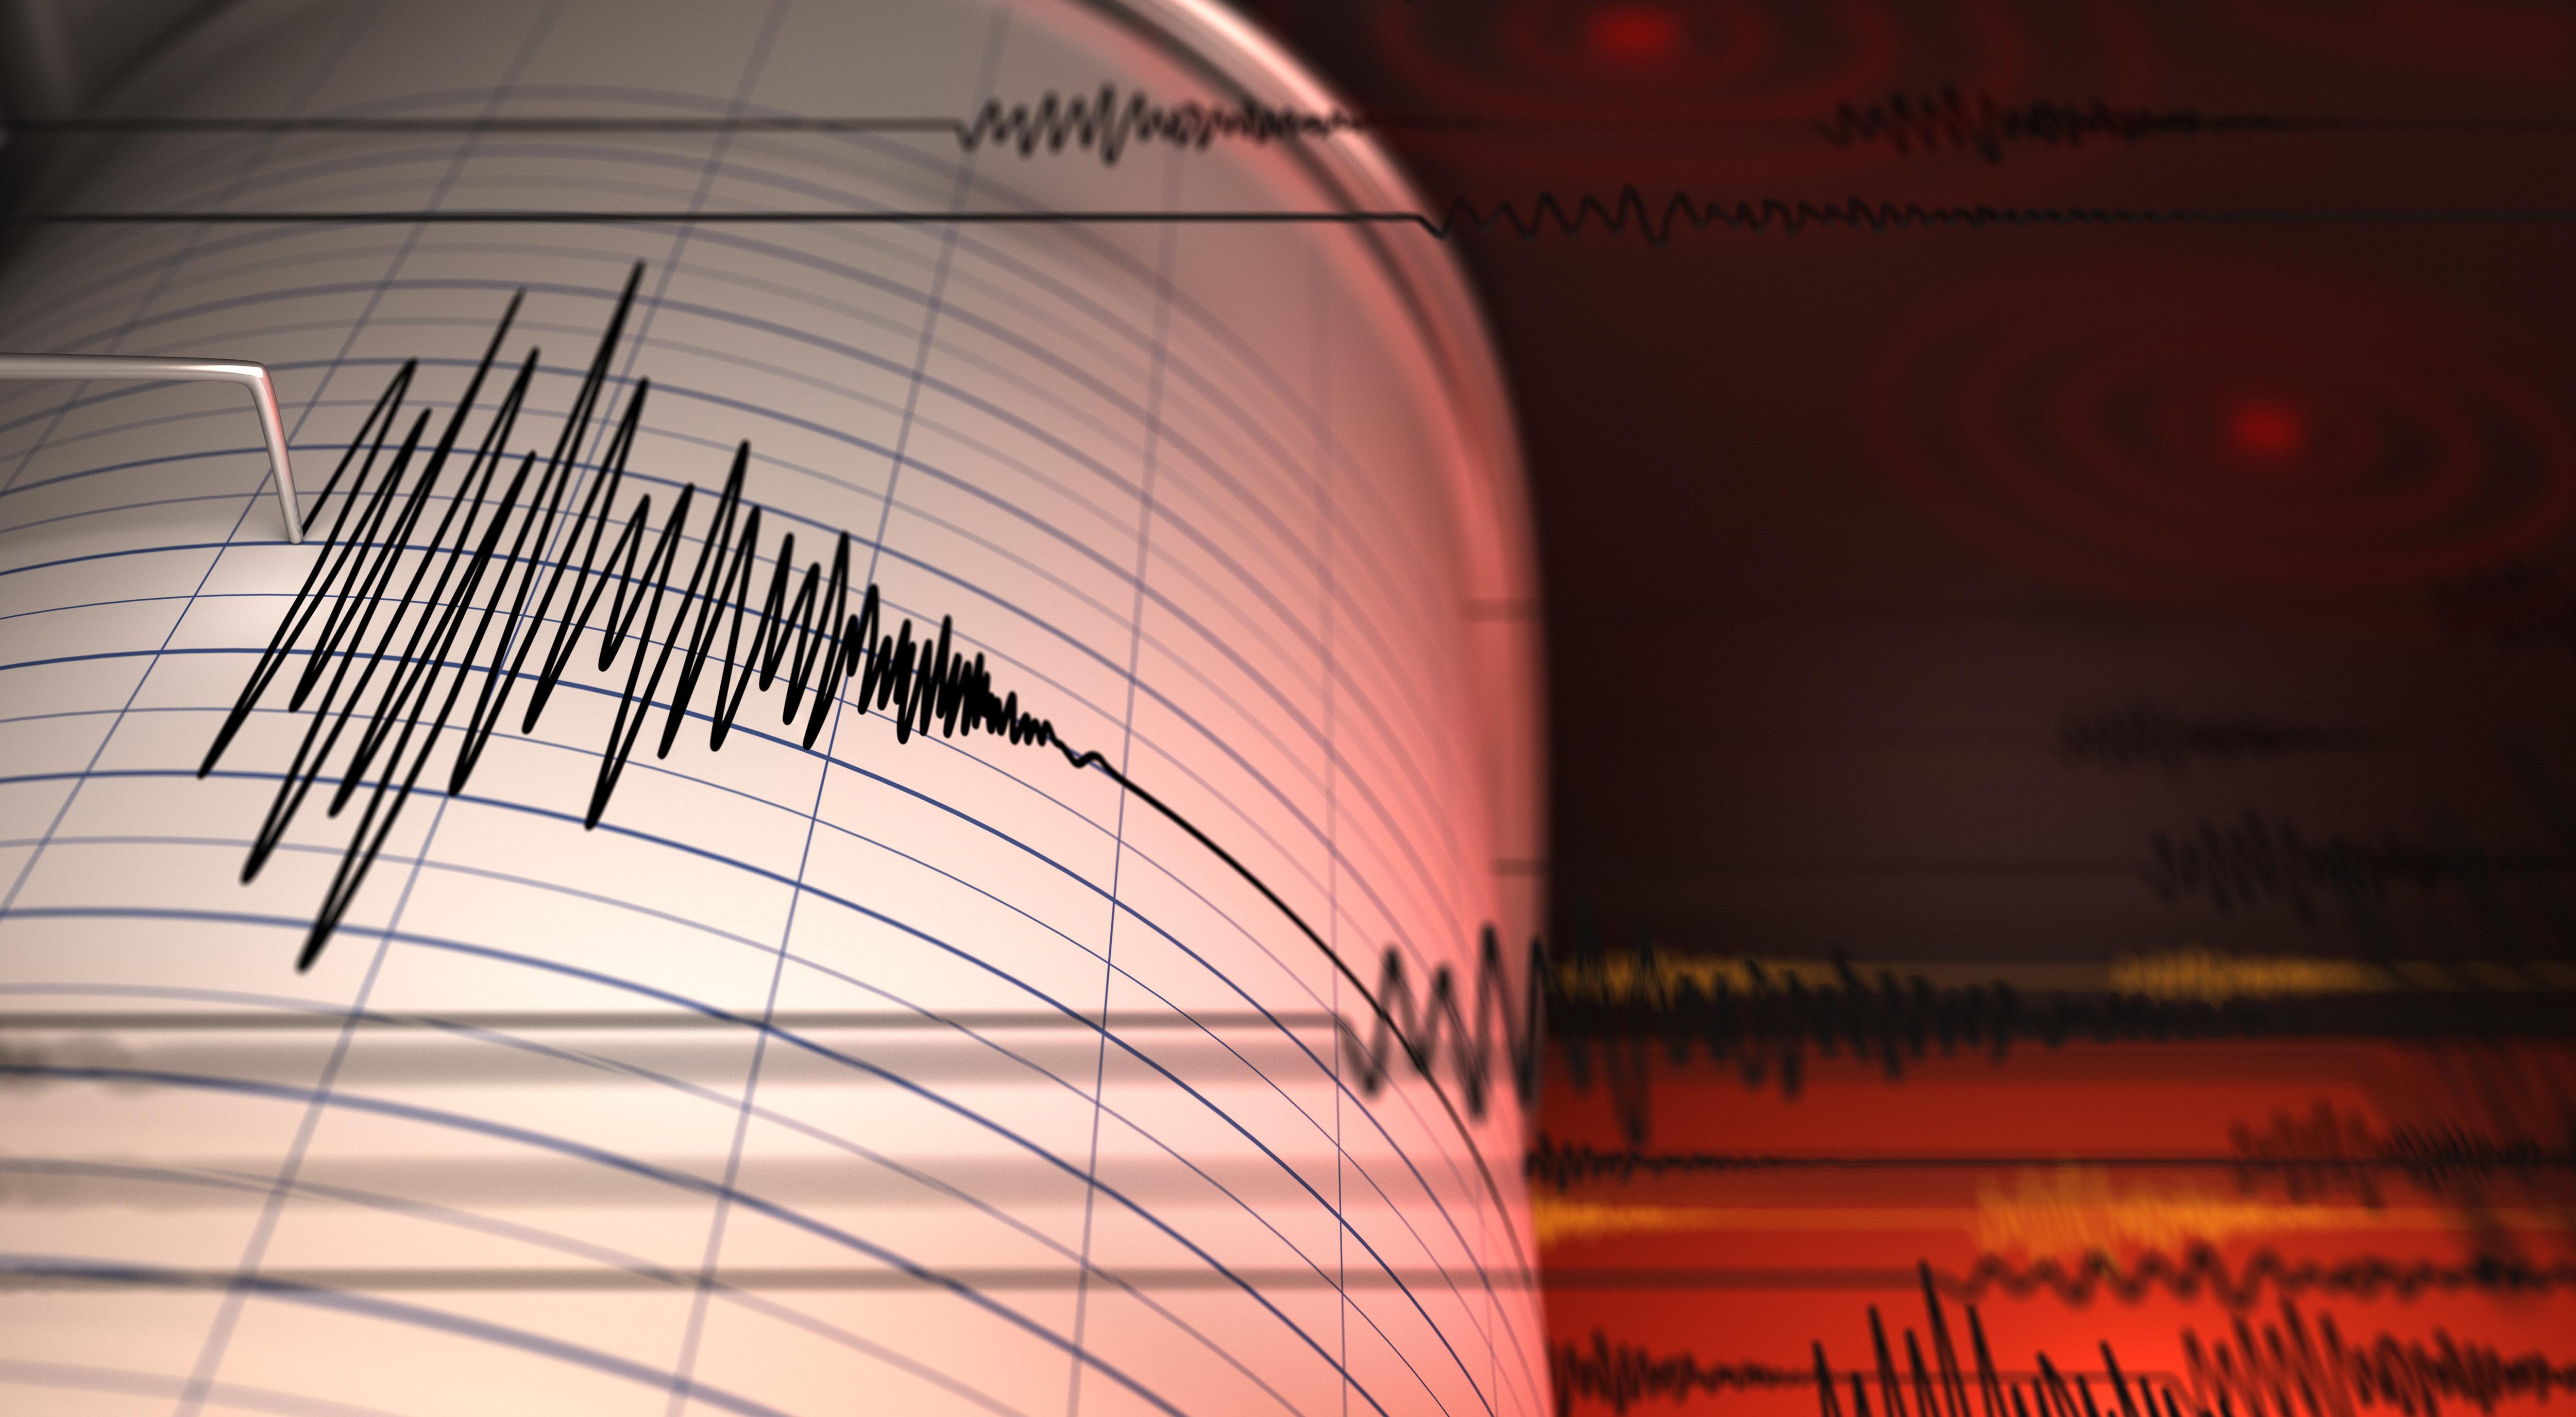 Une secousse tellurique de magnitude 4,7 enregistrée dans la province d'Al